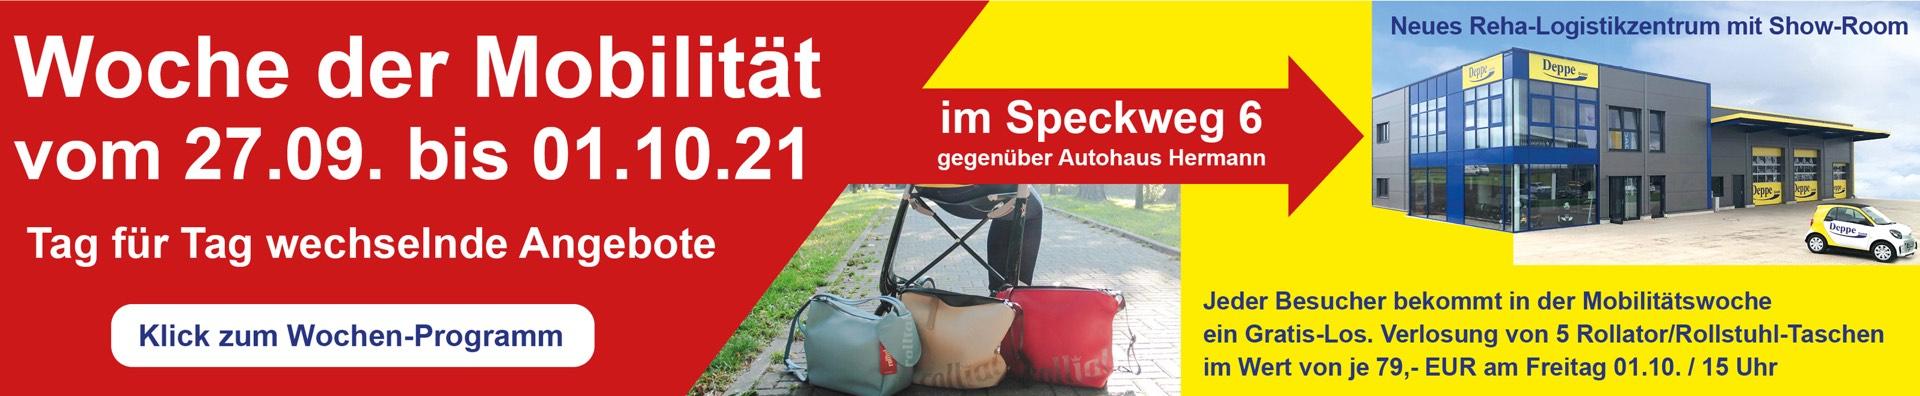 Woche der Mobilität vom 27.09. bis 01.10.21